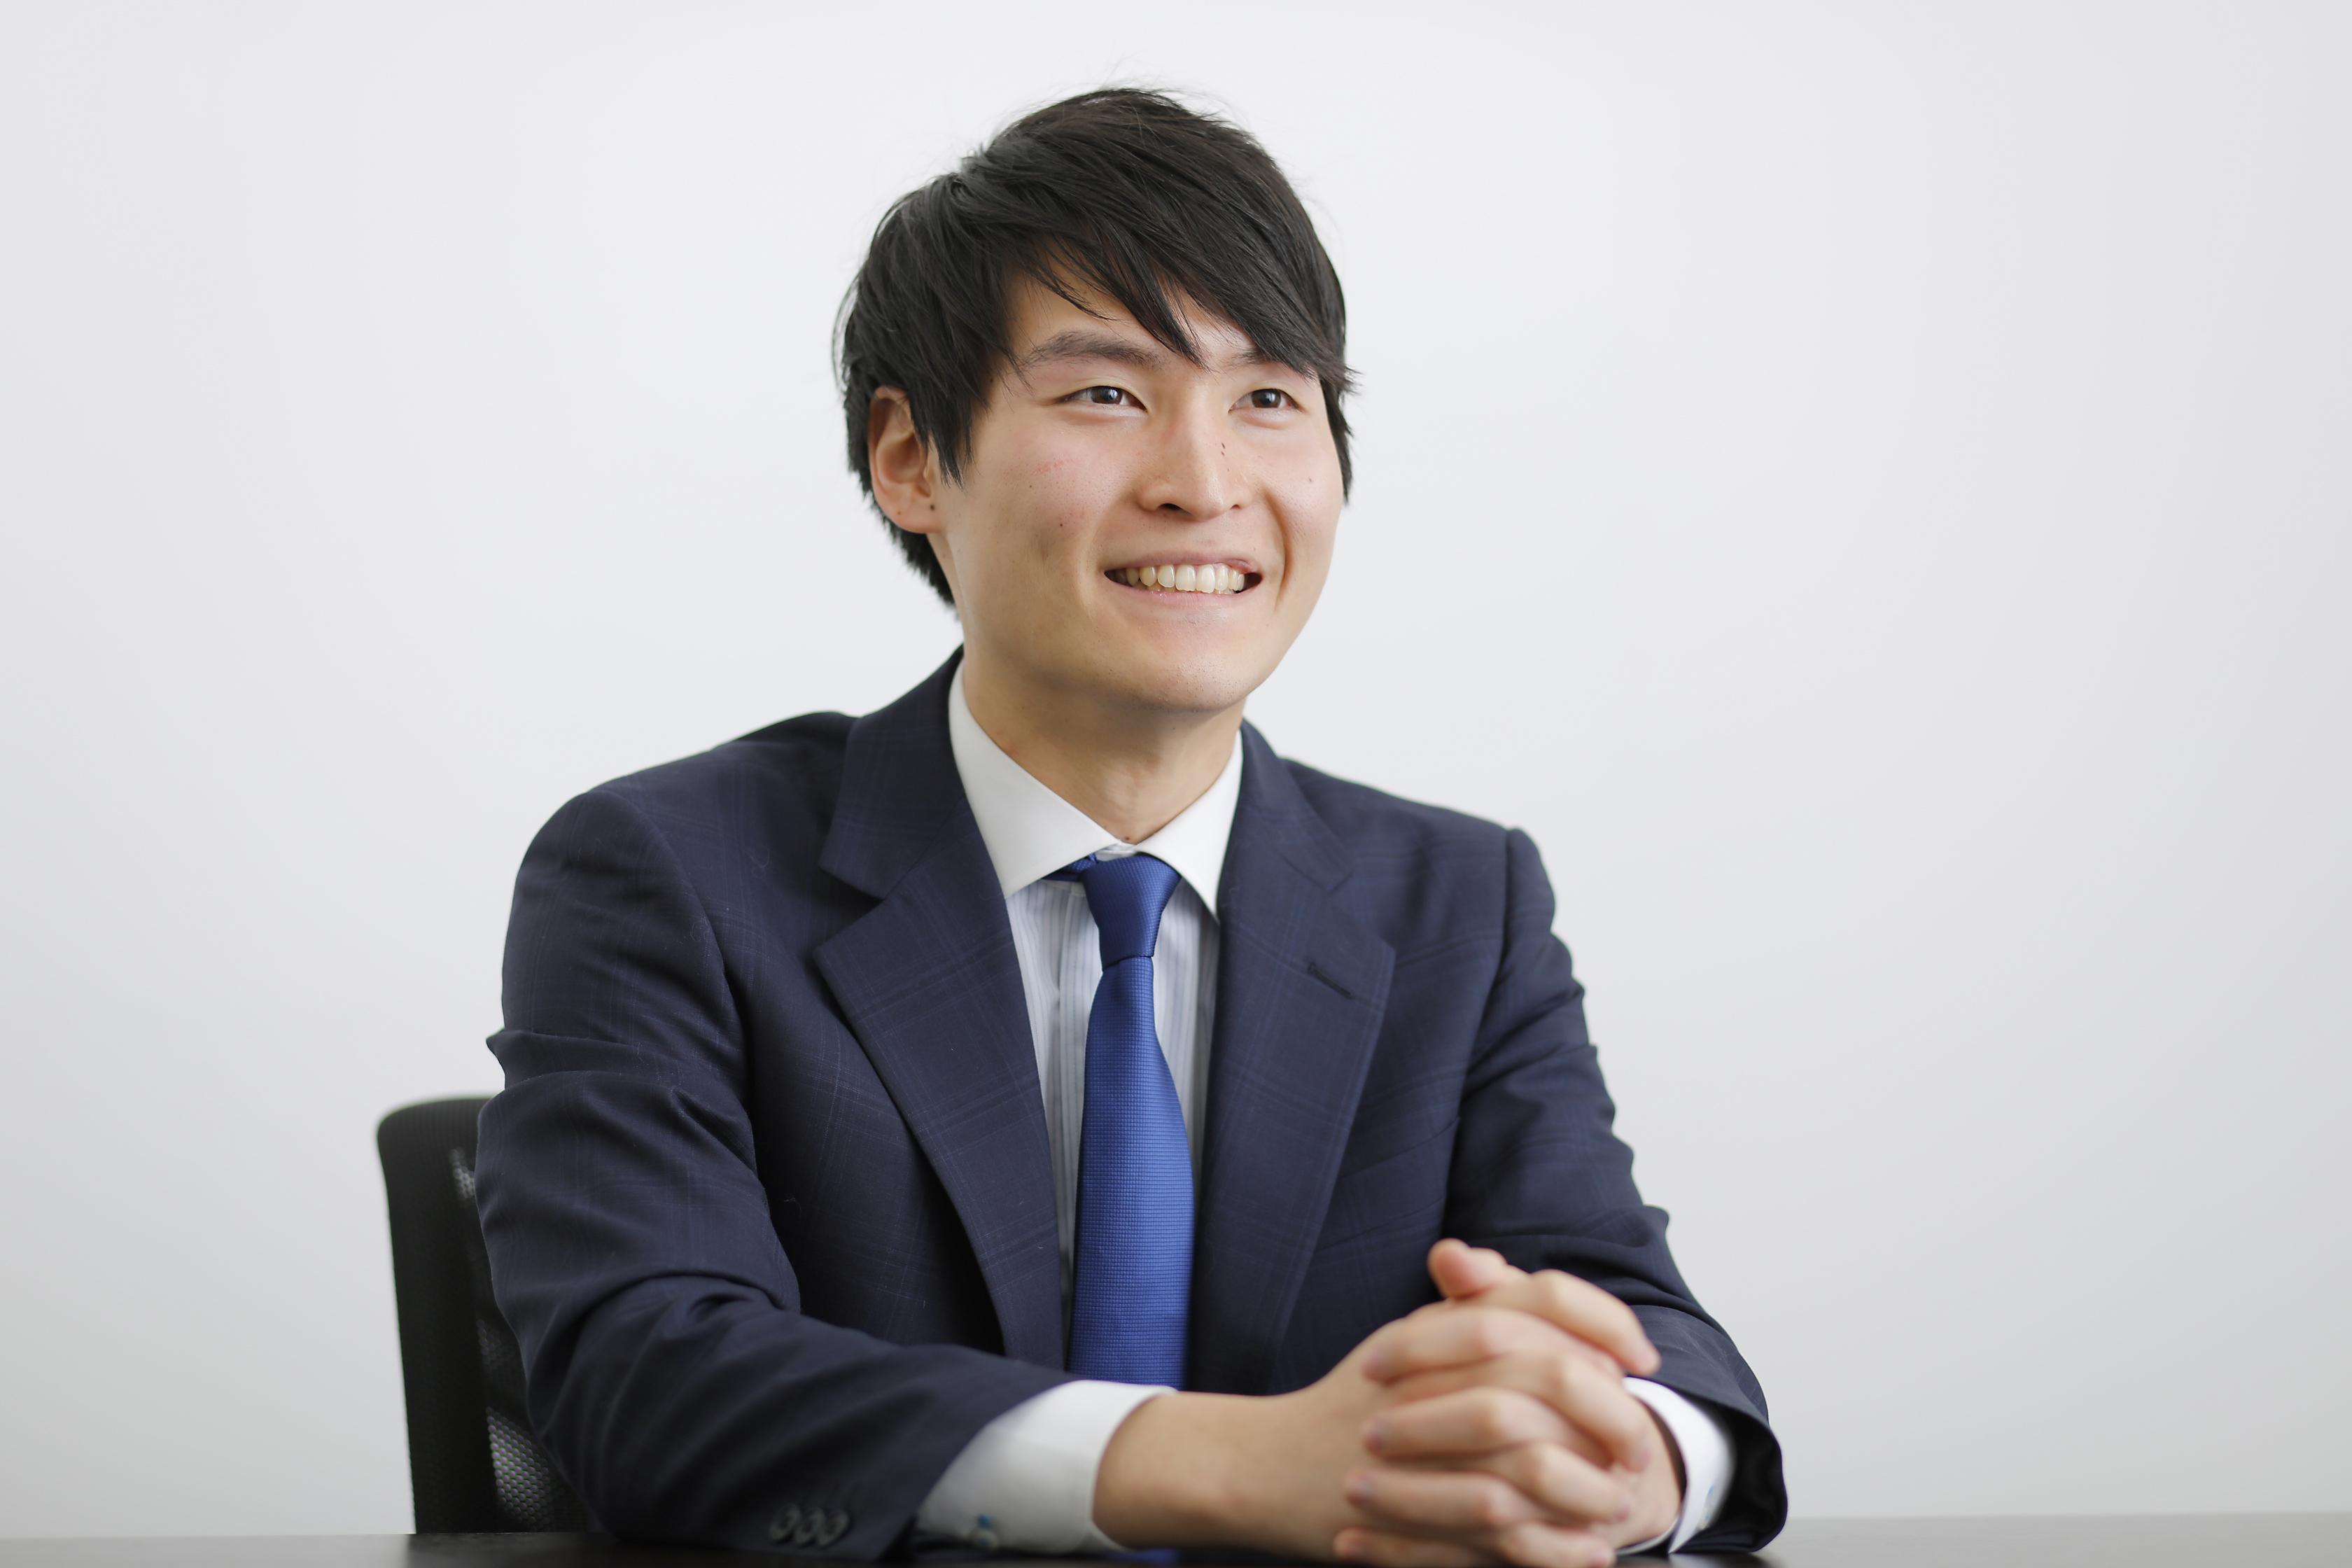 株式会社リクルートキャリア・新卒領域キャリアアドバイザー_青木虹さん_インタビューカット